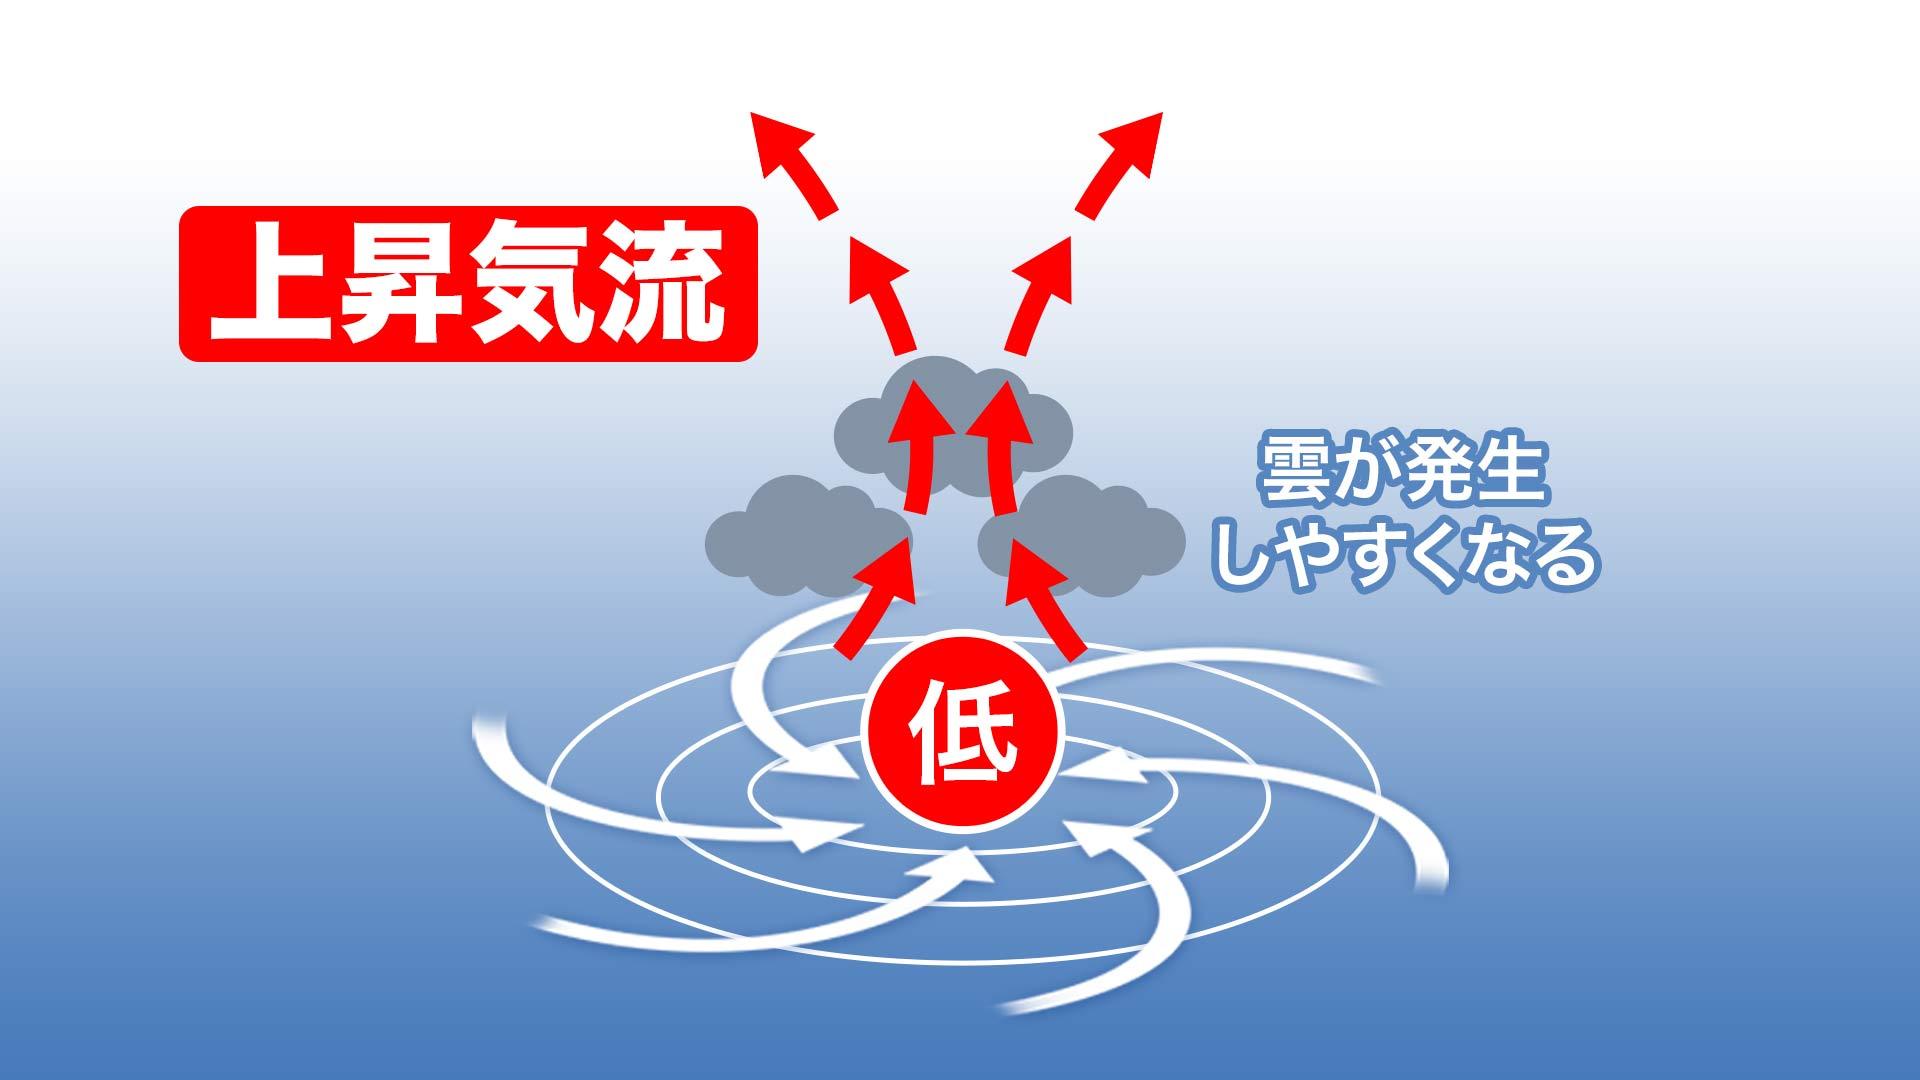 上昇気流の解説図